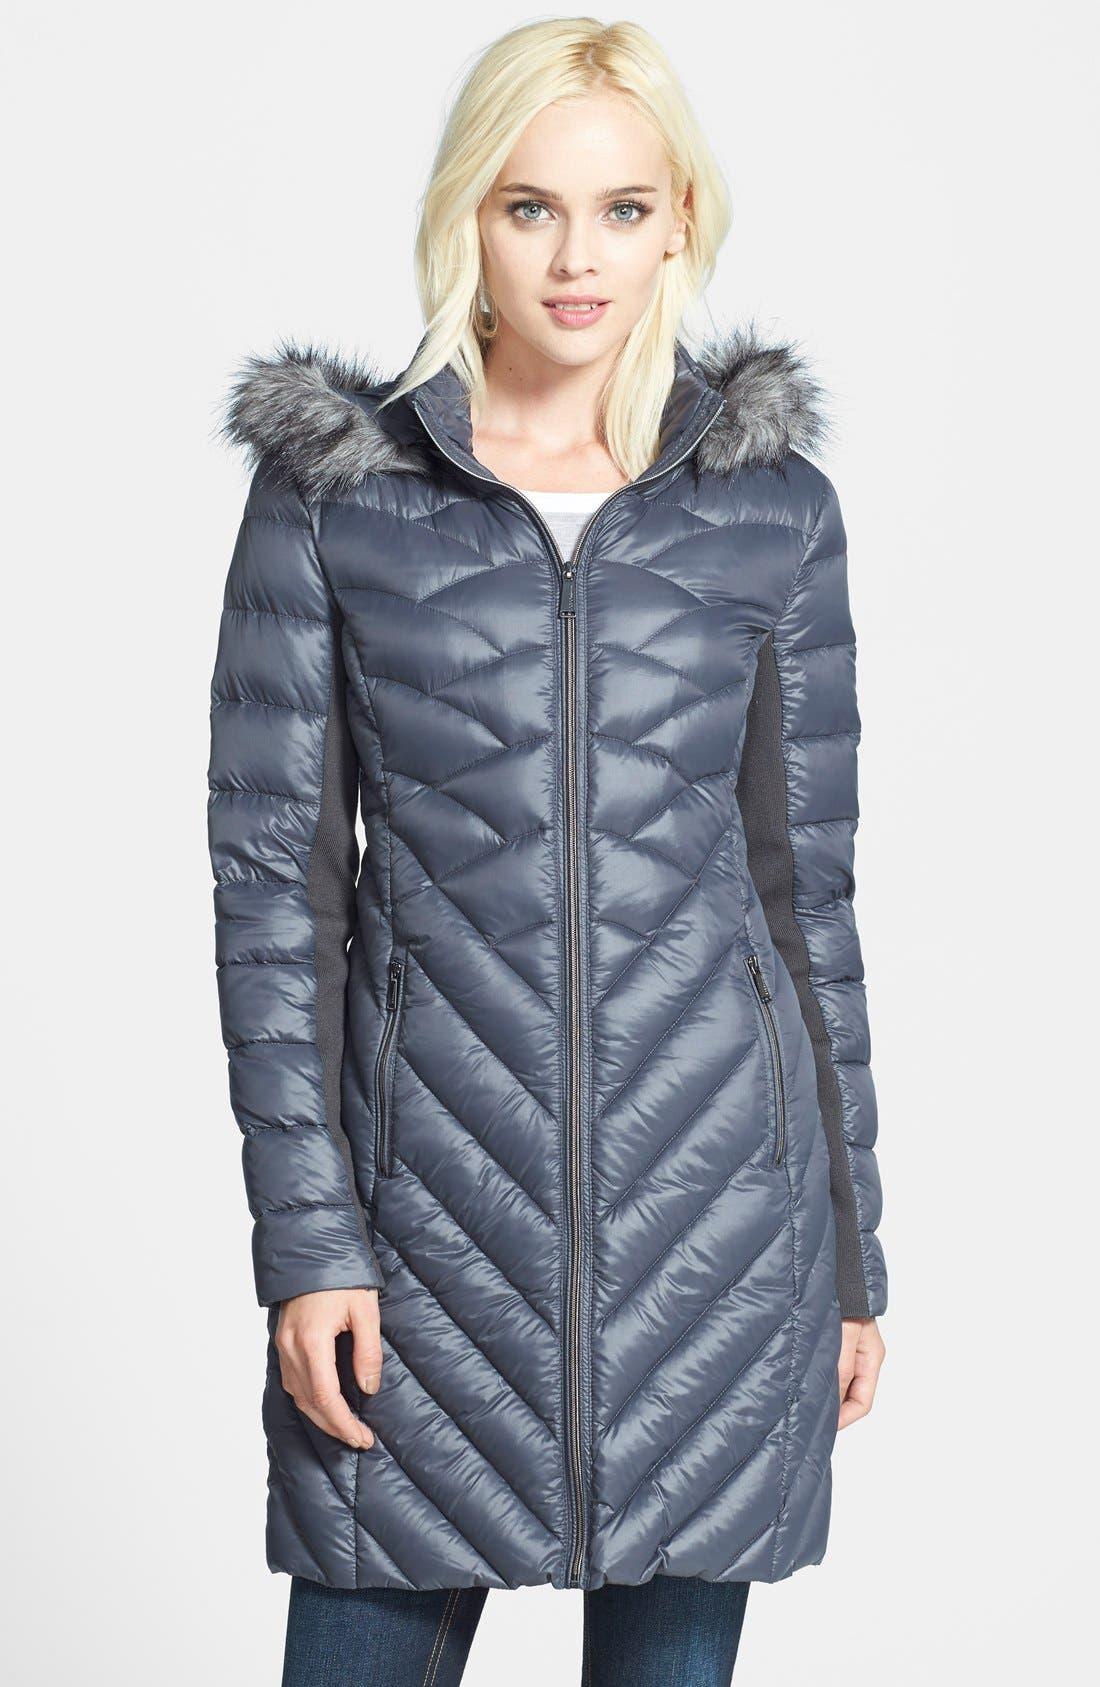 Main Image - BCBGeneration Packable Down Coat with Faux Fur Trim